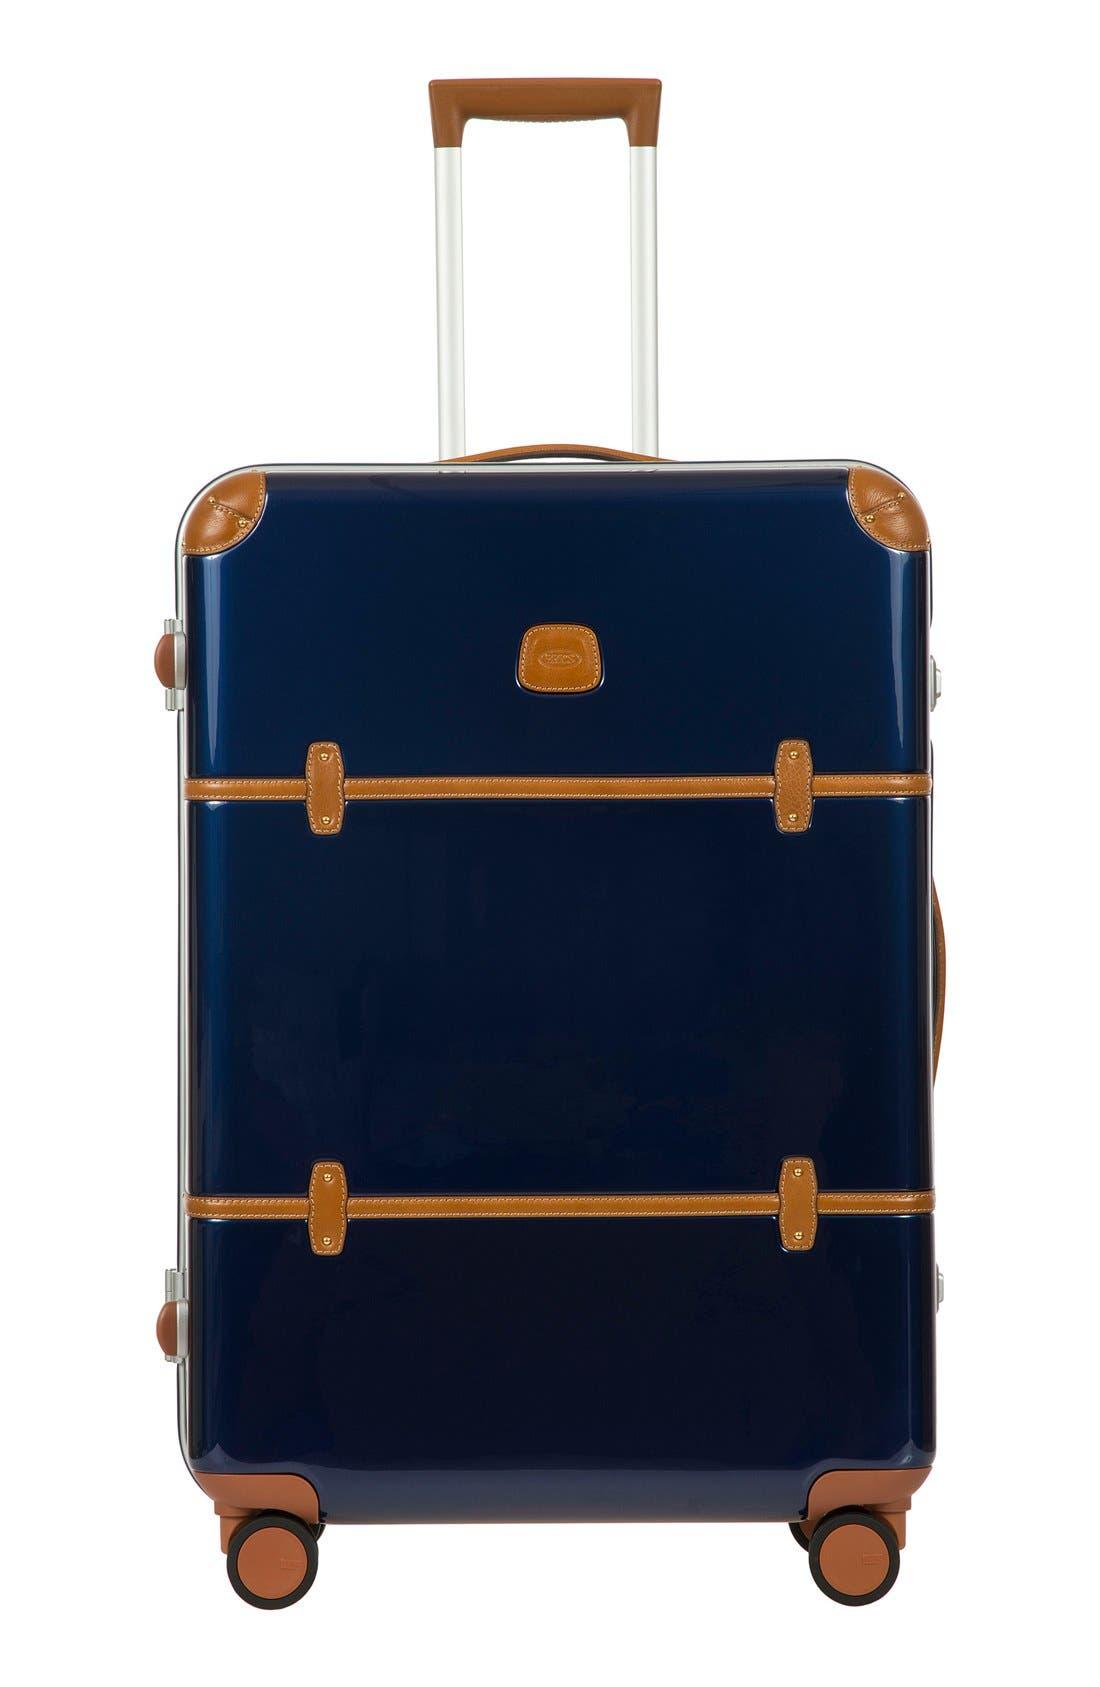 Bric's Bellagio Metallo 2.0 30 Inch Rolling Suitcase